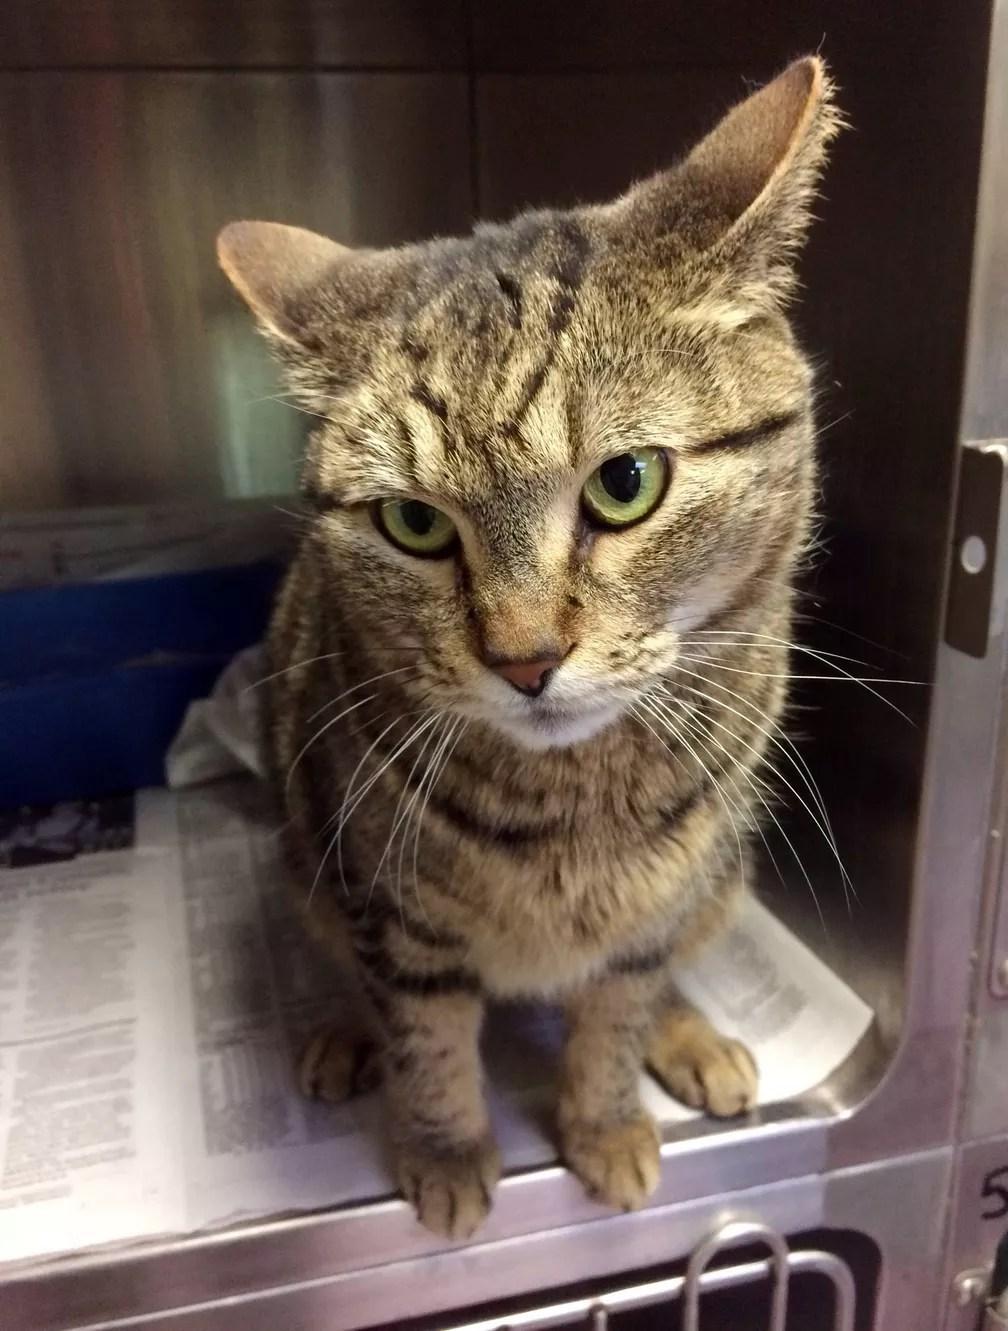 Veterinários descobriram que BooBoo havia desaparecido nos EUA, pois a gata tinha um chip de identificação. (Foto: Guelph Humane Society via AP)